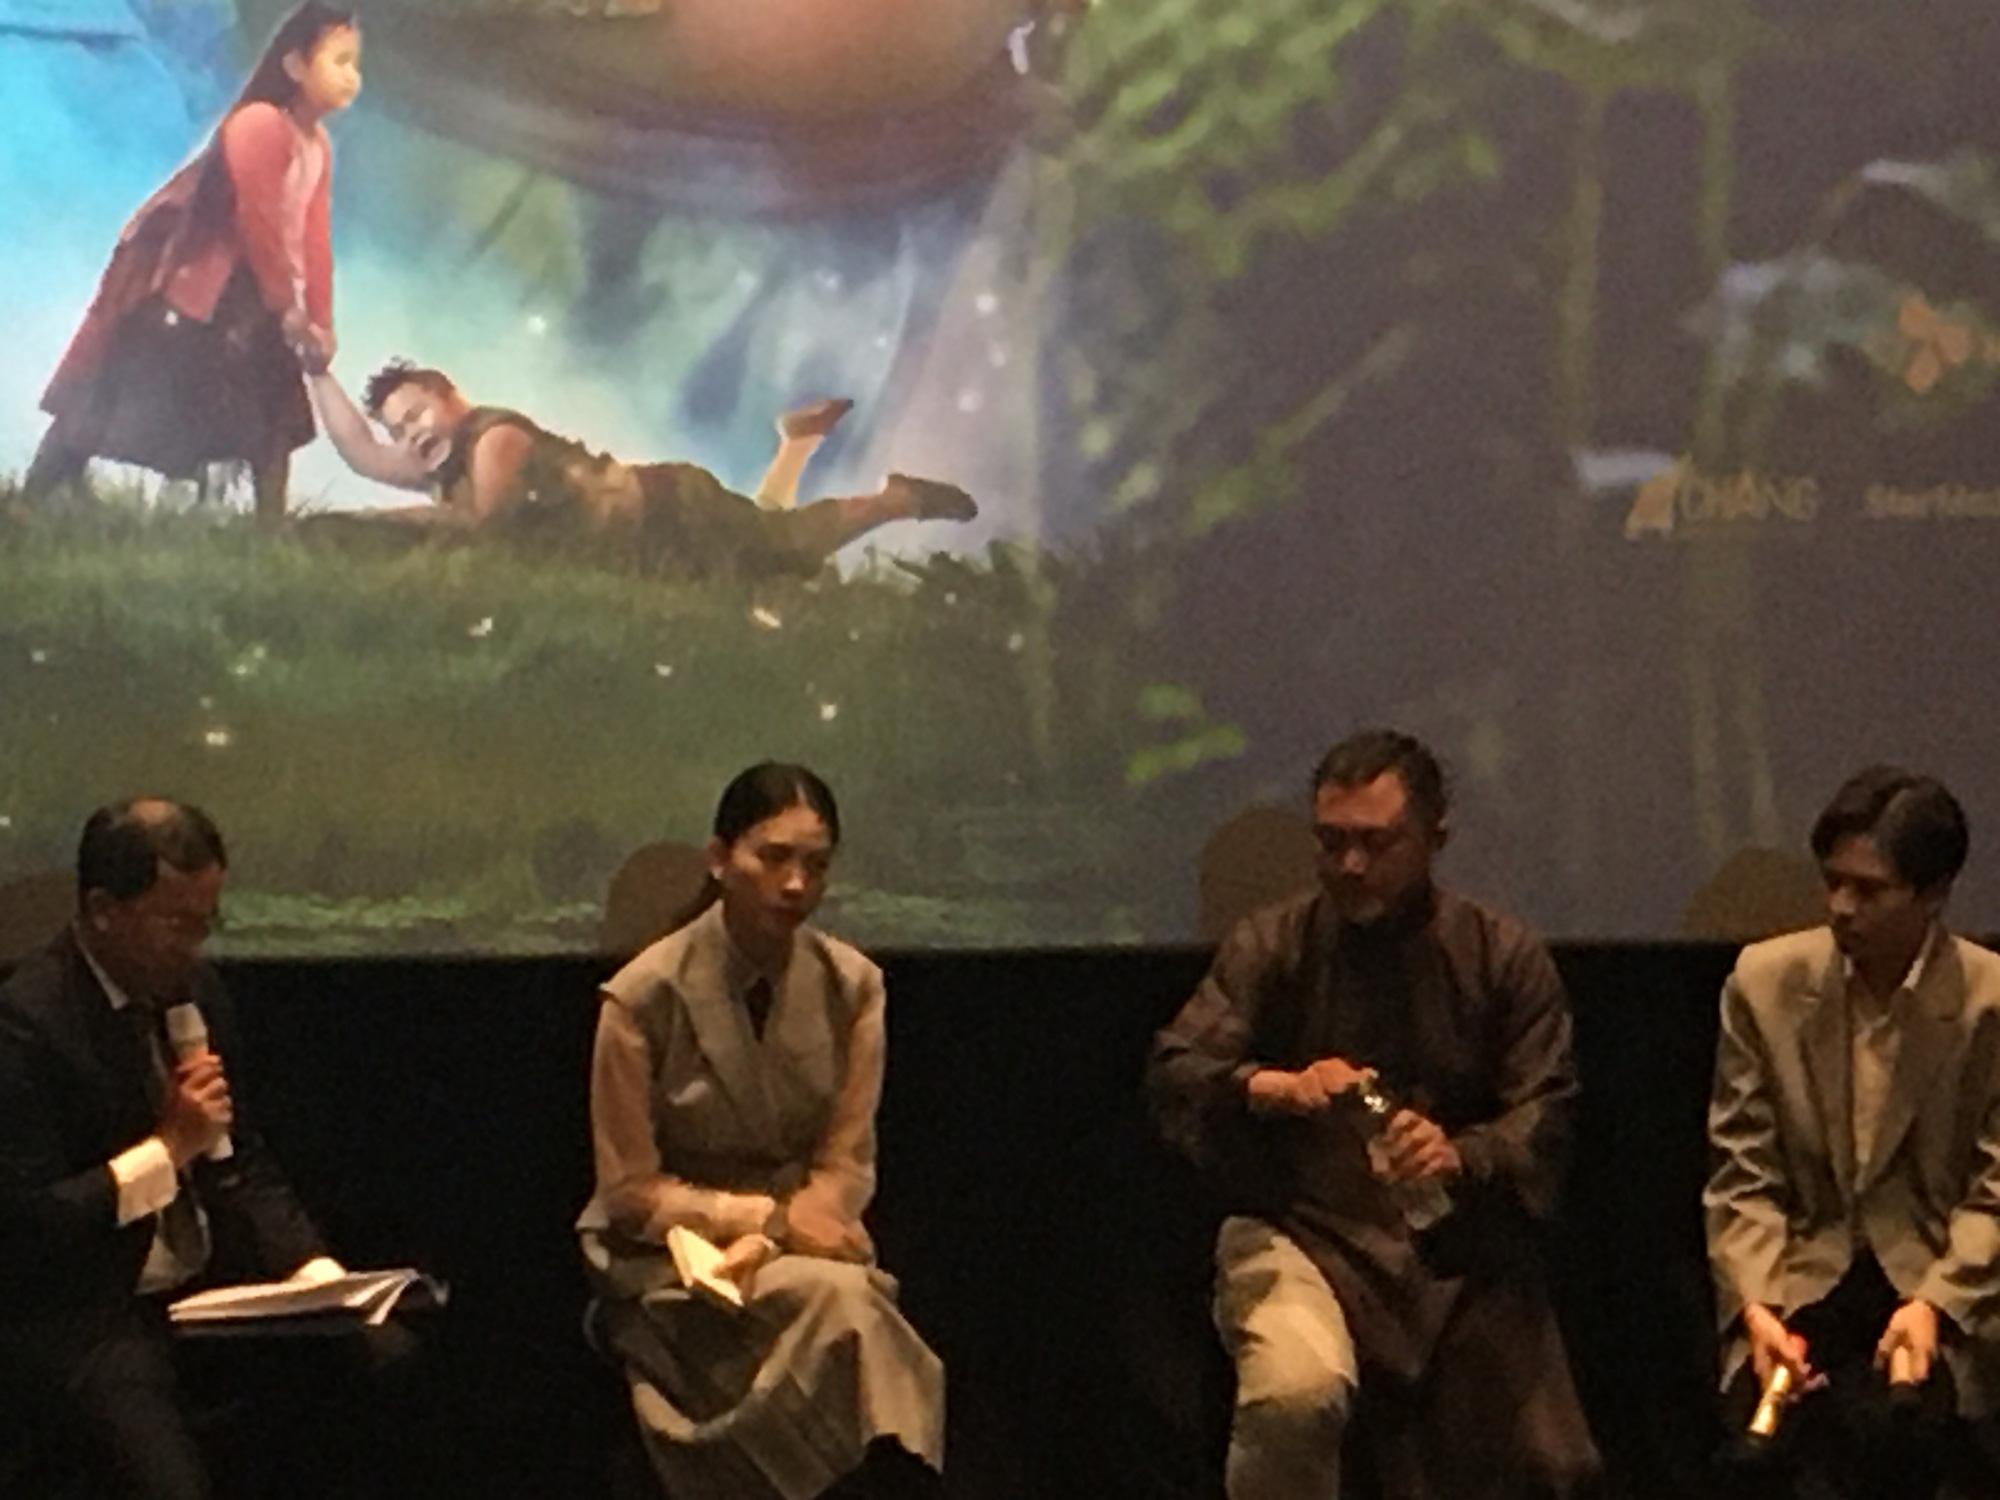 """Ngô Thanh Vân: """"Tôi bỏ 43 tỷ làm Trạng Tí, chỉ mong khép lại chuyện bản quyền để có phim Tết cho thiếu nhi"""" - Ảnh 2."""